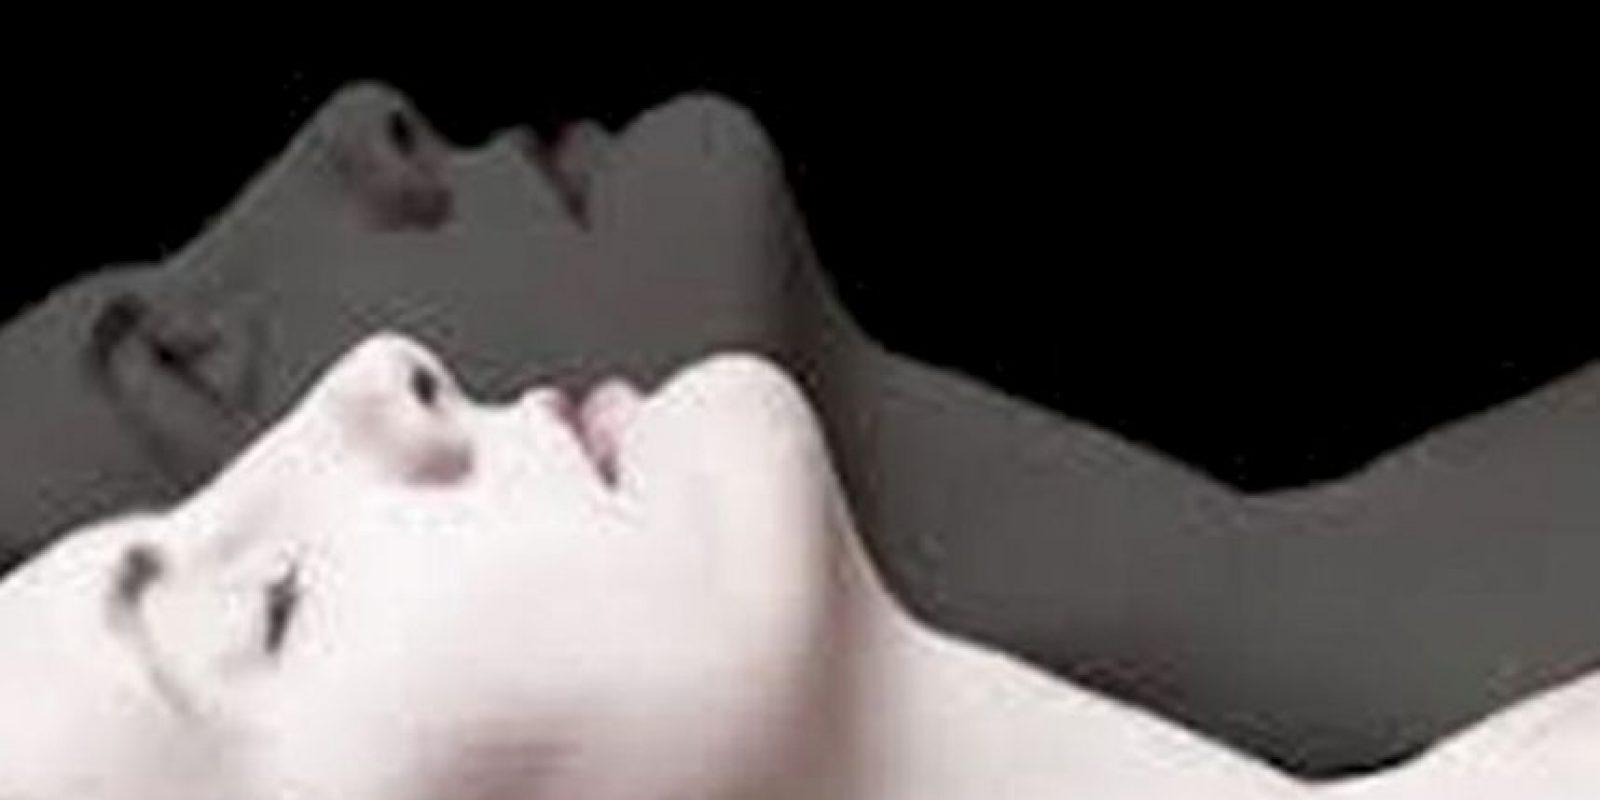 La fase REM, que es la parte donde el durmiente sueña, sufre anormalidades. Paraliza el cuerpo, pero el cerebro sigue despierto. Foto:vía Tumblr